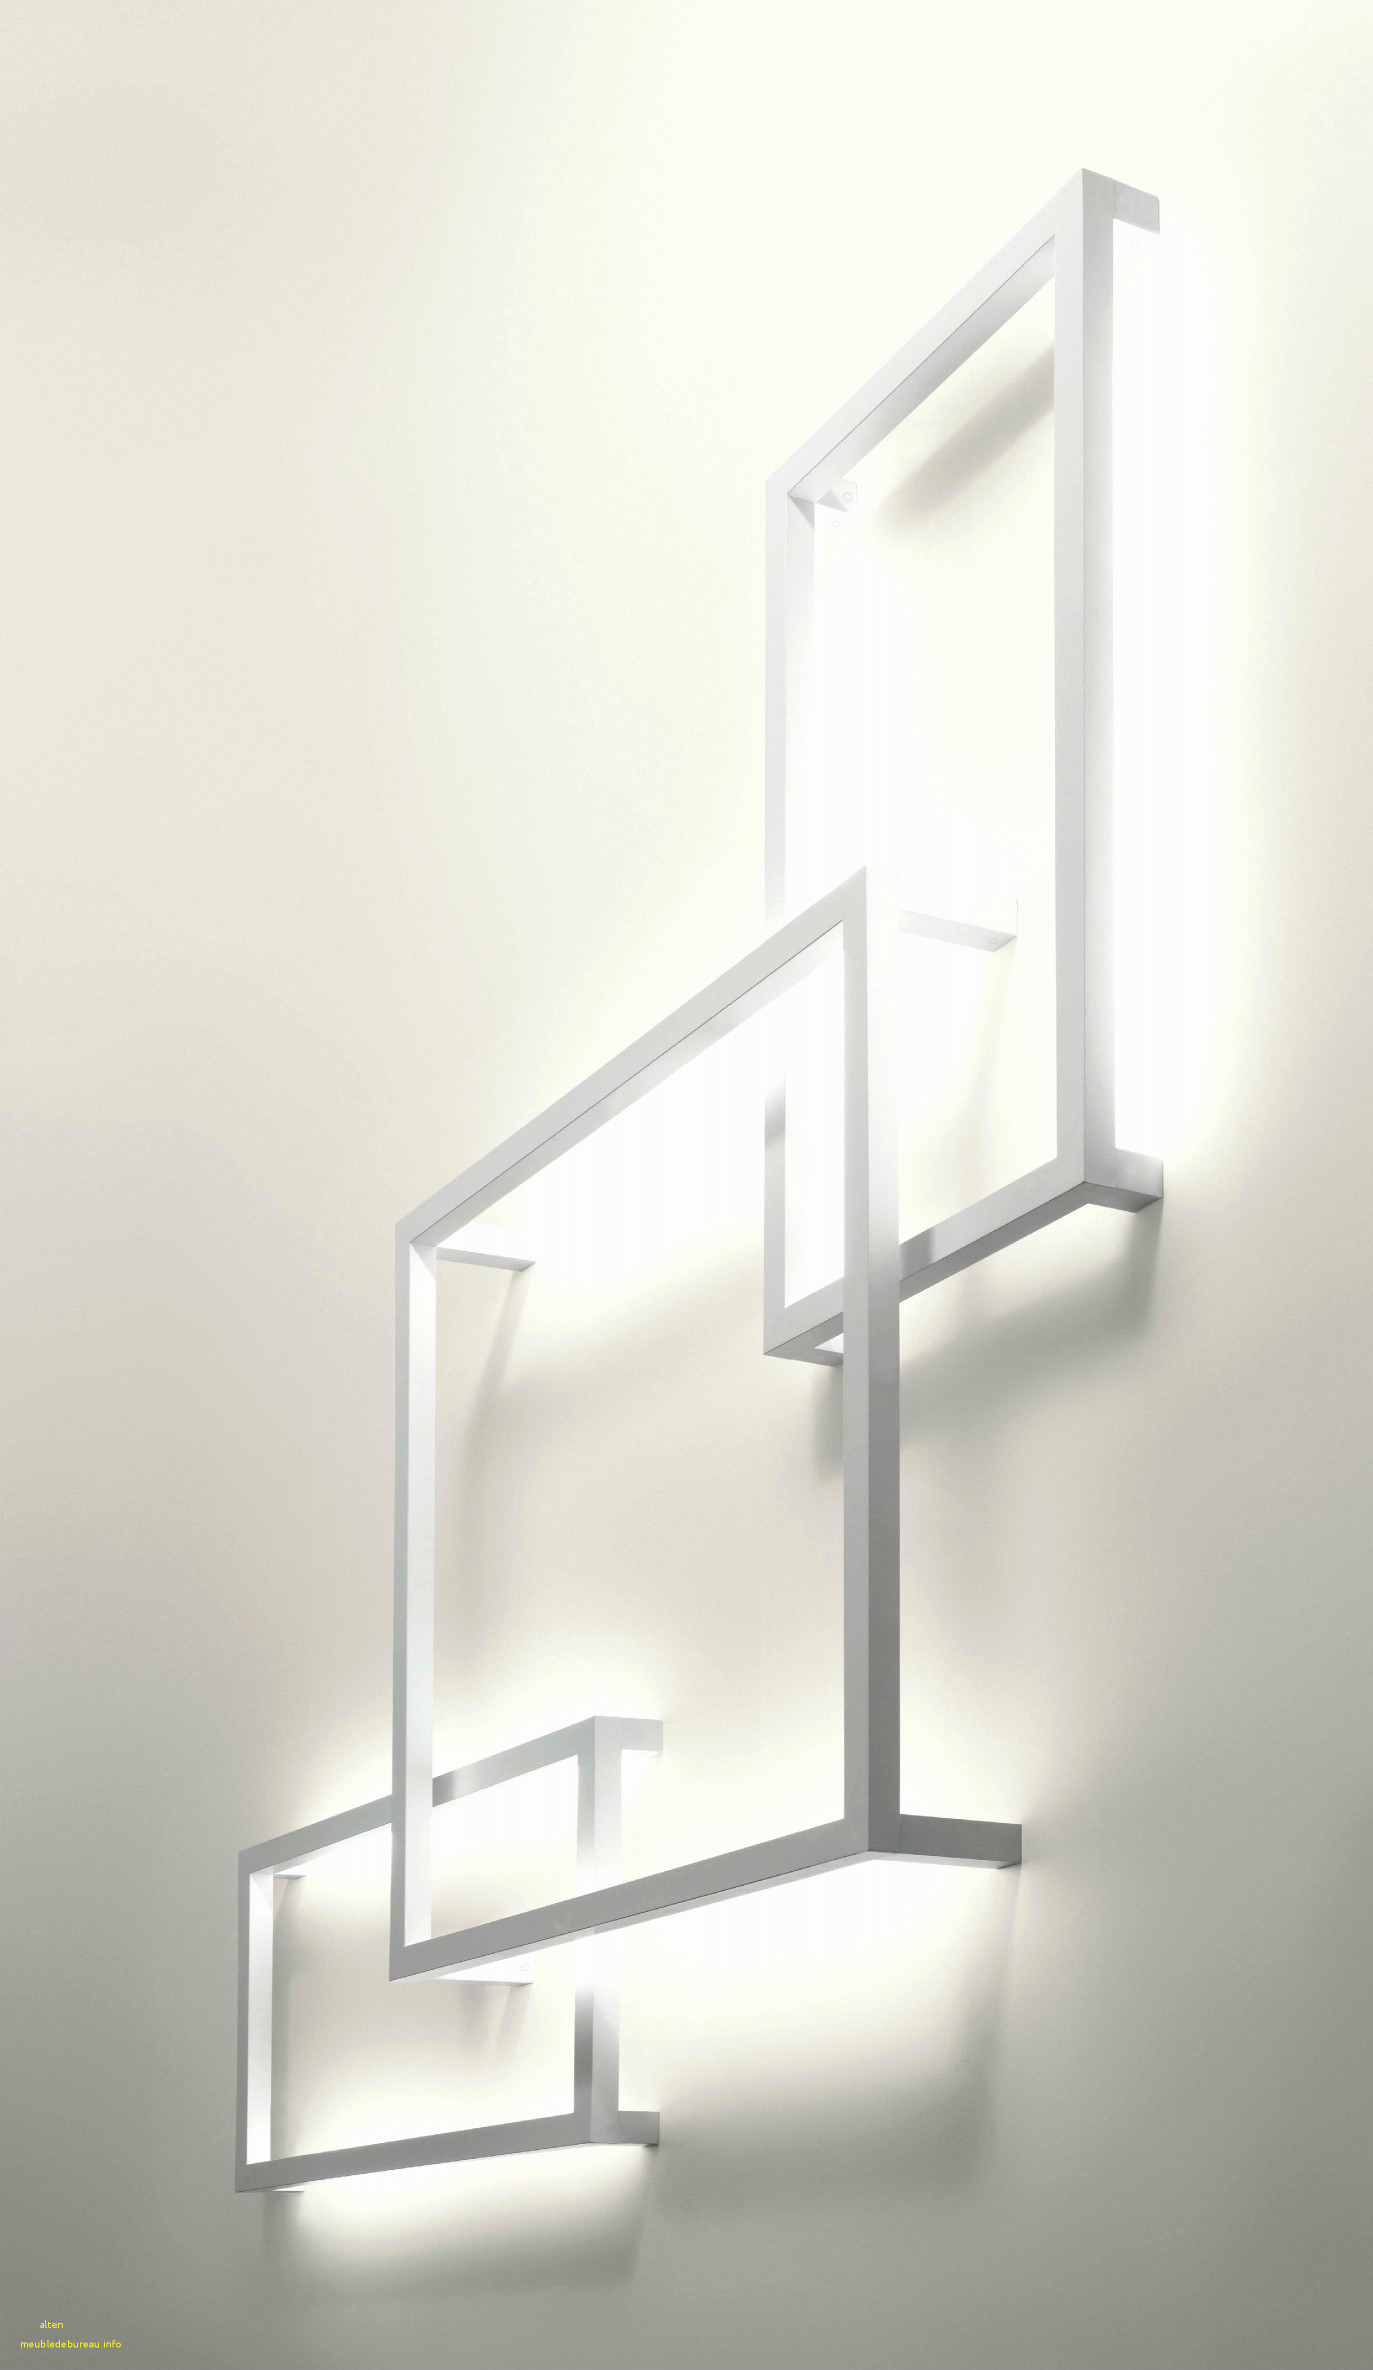 Gifi Housse Clic Clac Nouveau Photographie Bureau Gifi Fantastique 24 Inspirant De Lampe Fibre Optique Gifi